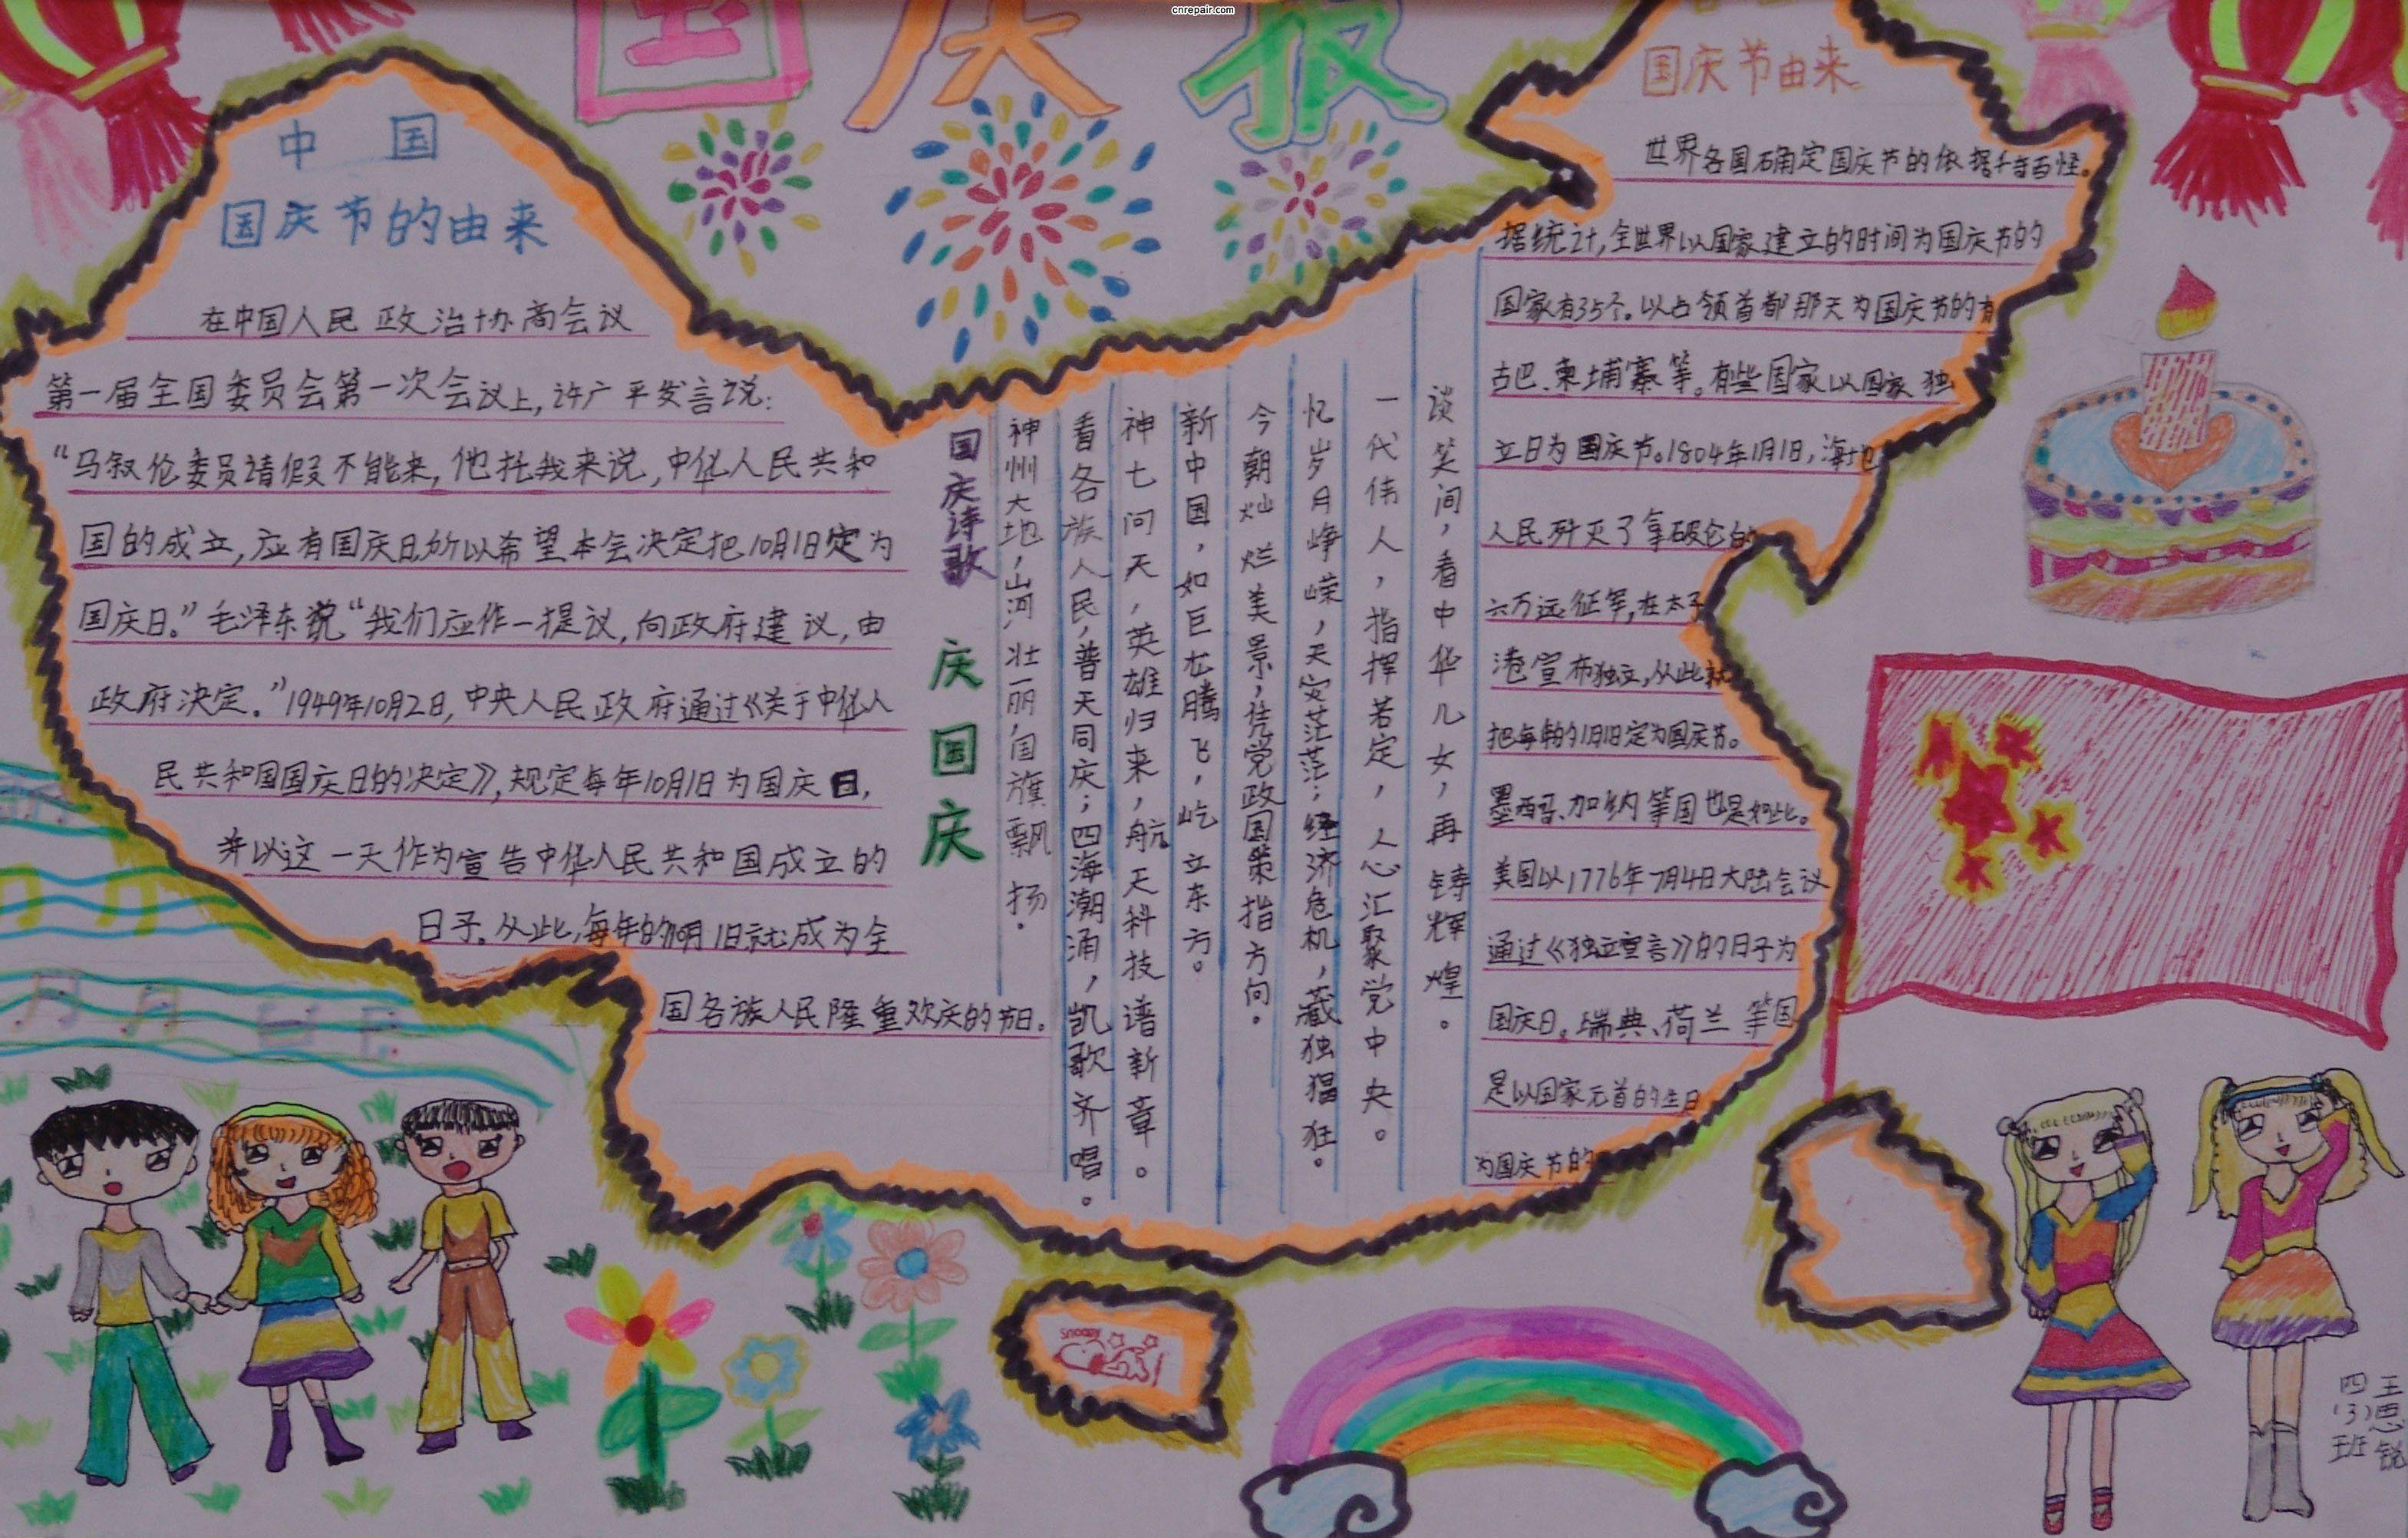 可以写赞美祖国的诗歌 写一些关于国庆节图片高清图片